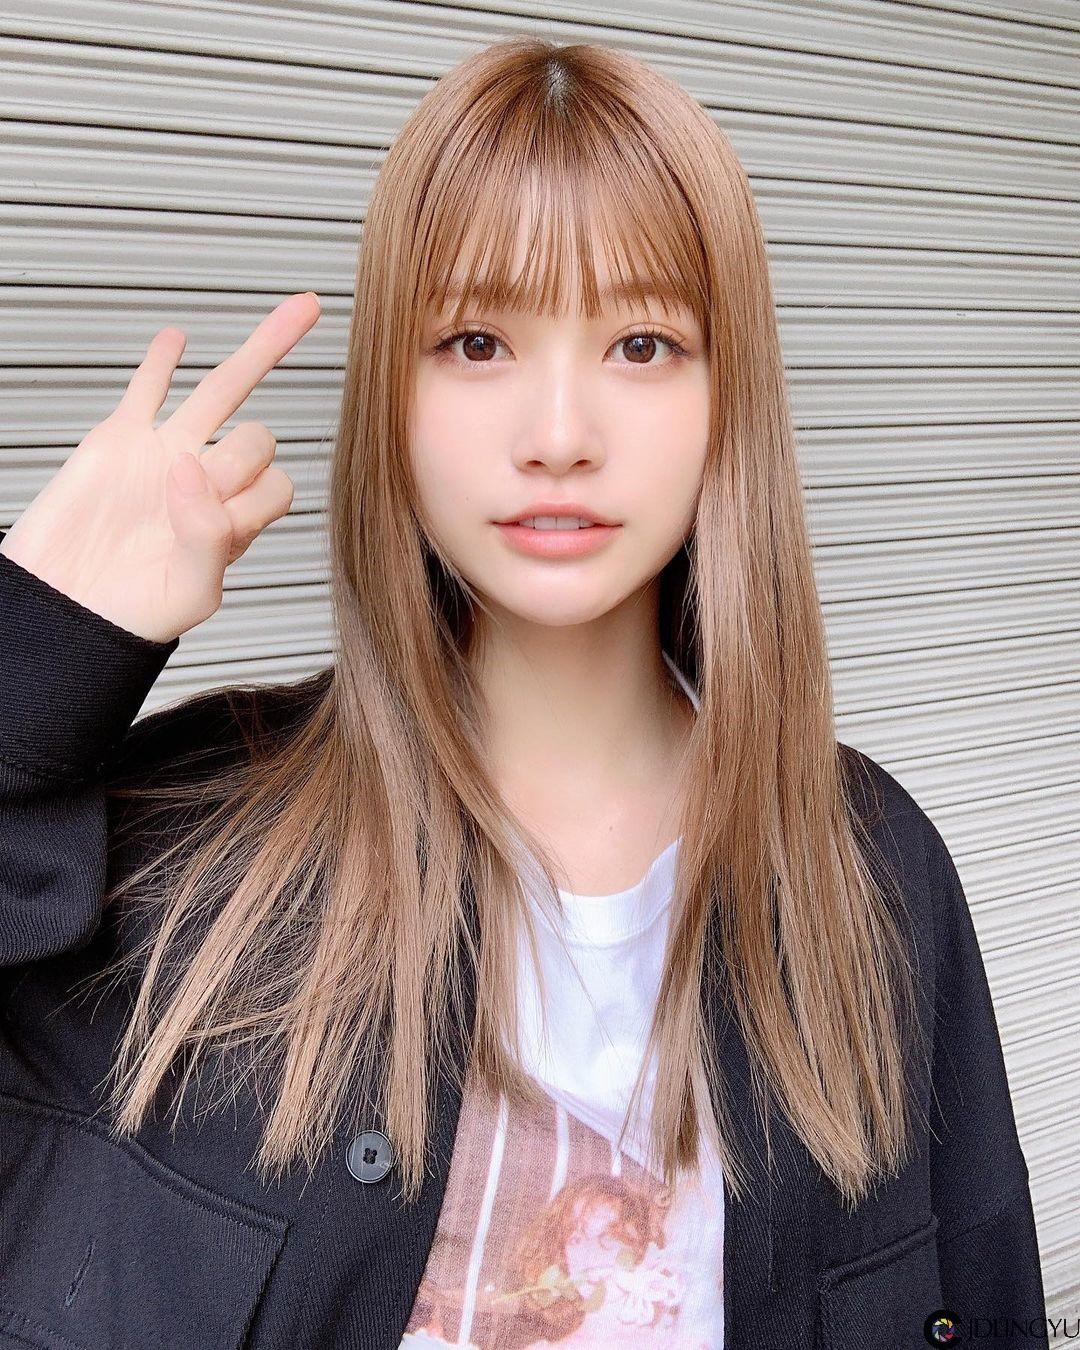 名古屋最可爱初中生「生见爱瑠」长大了 超顶天「神级颜值」依旧美到让人窒息